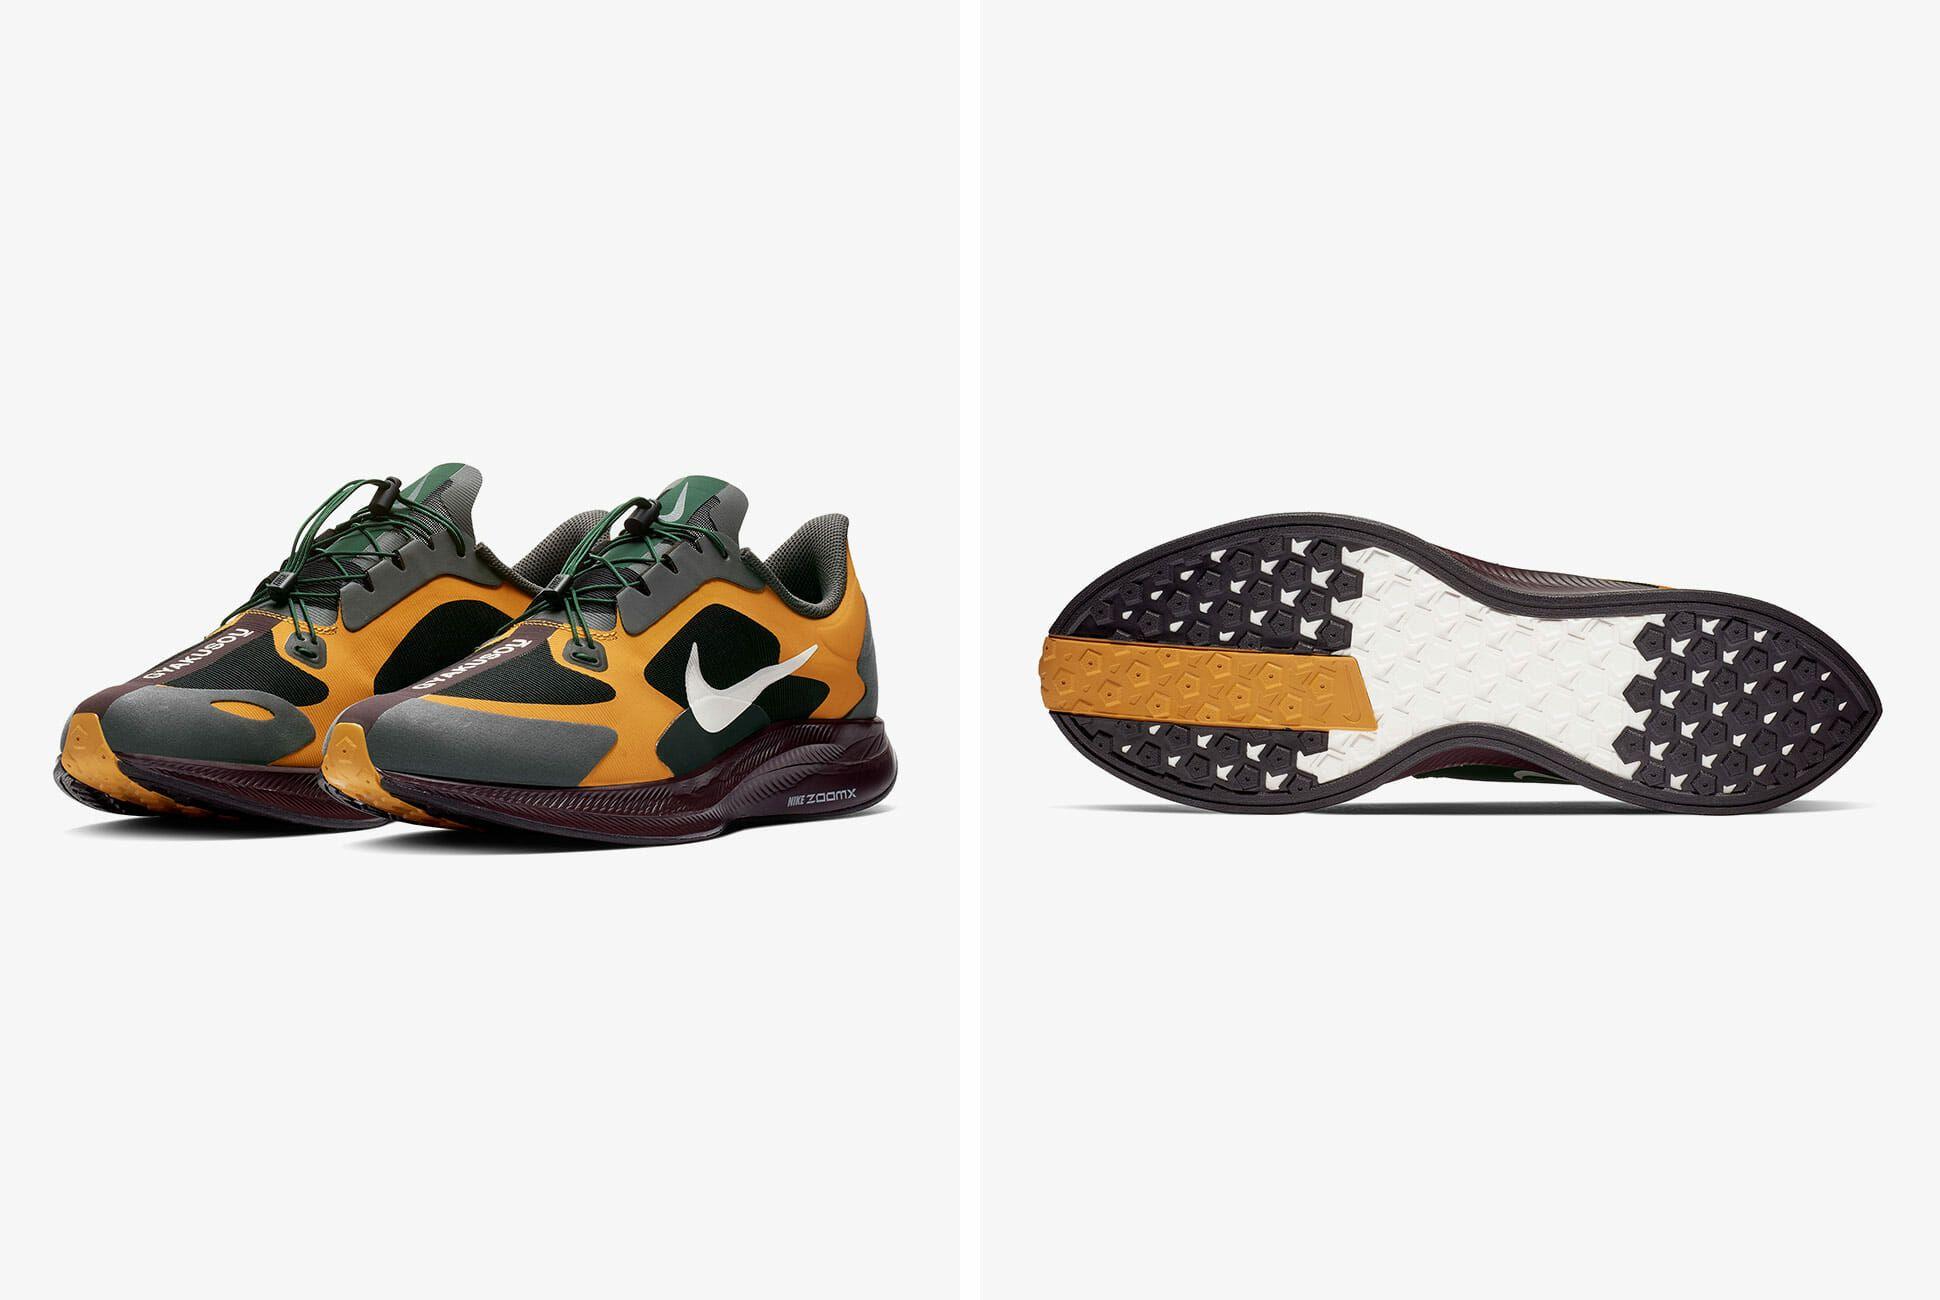 Nike-Gyakusou-Collection-gear-patrol-slide-2